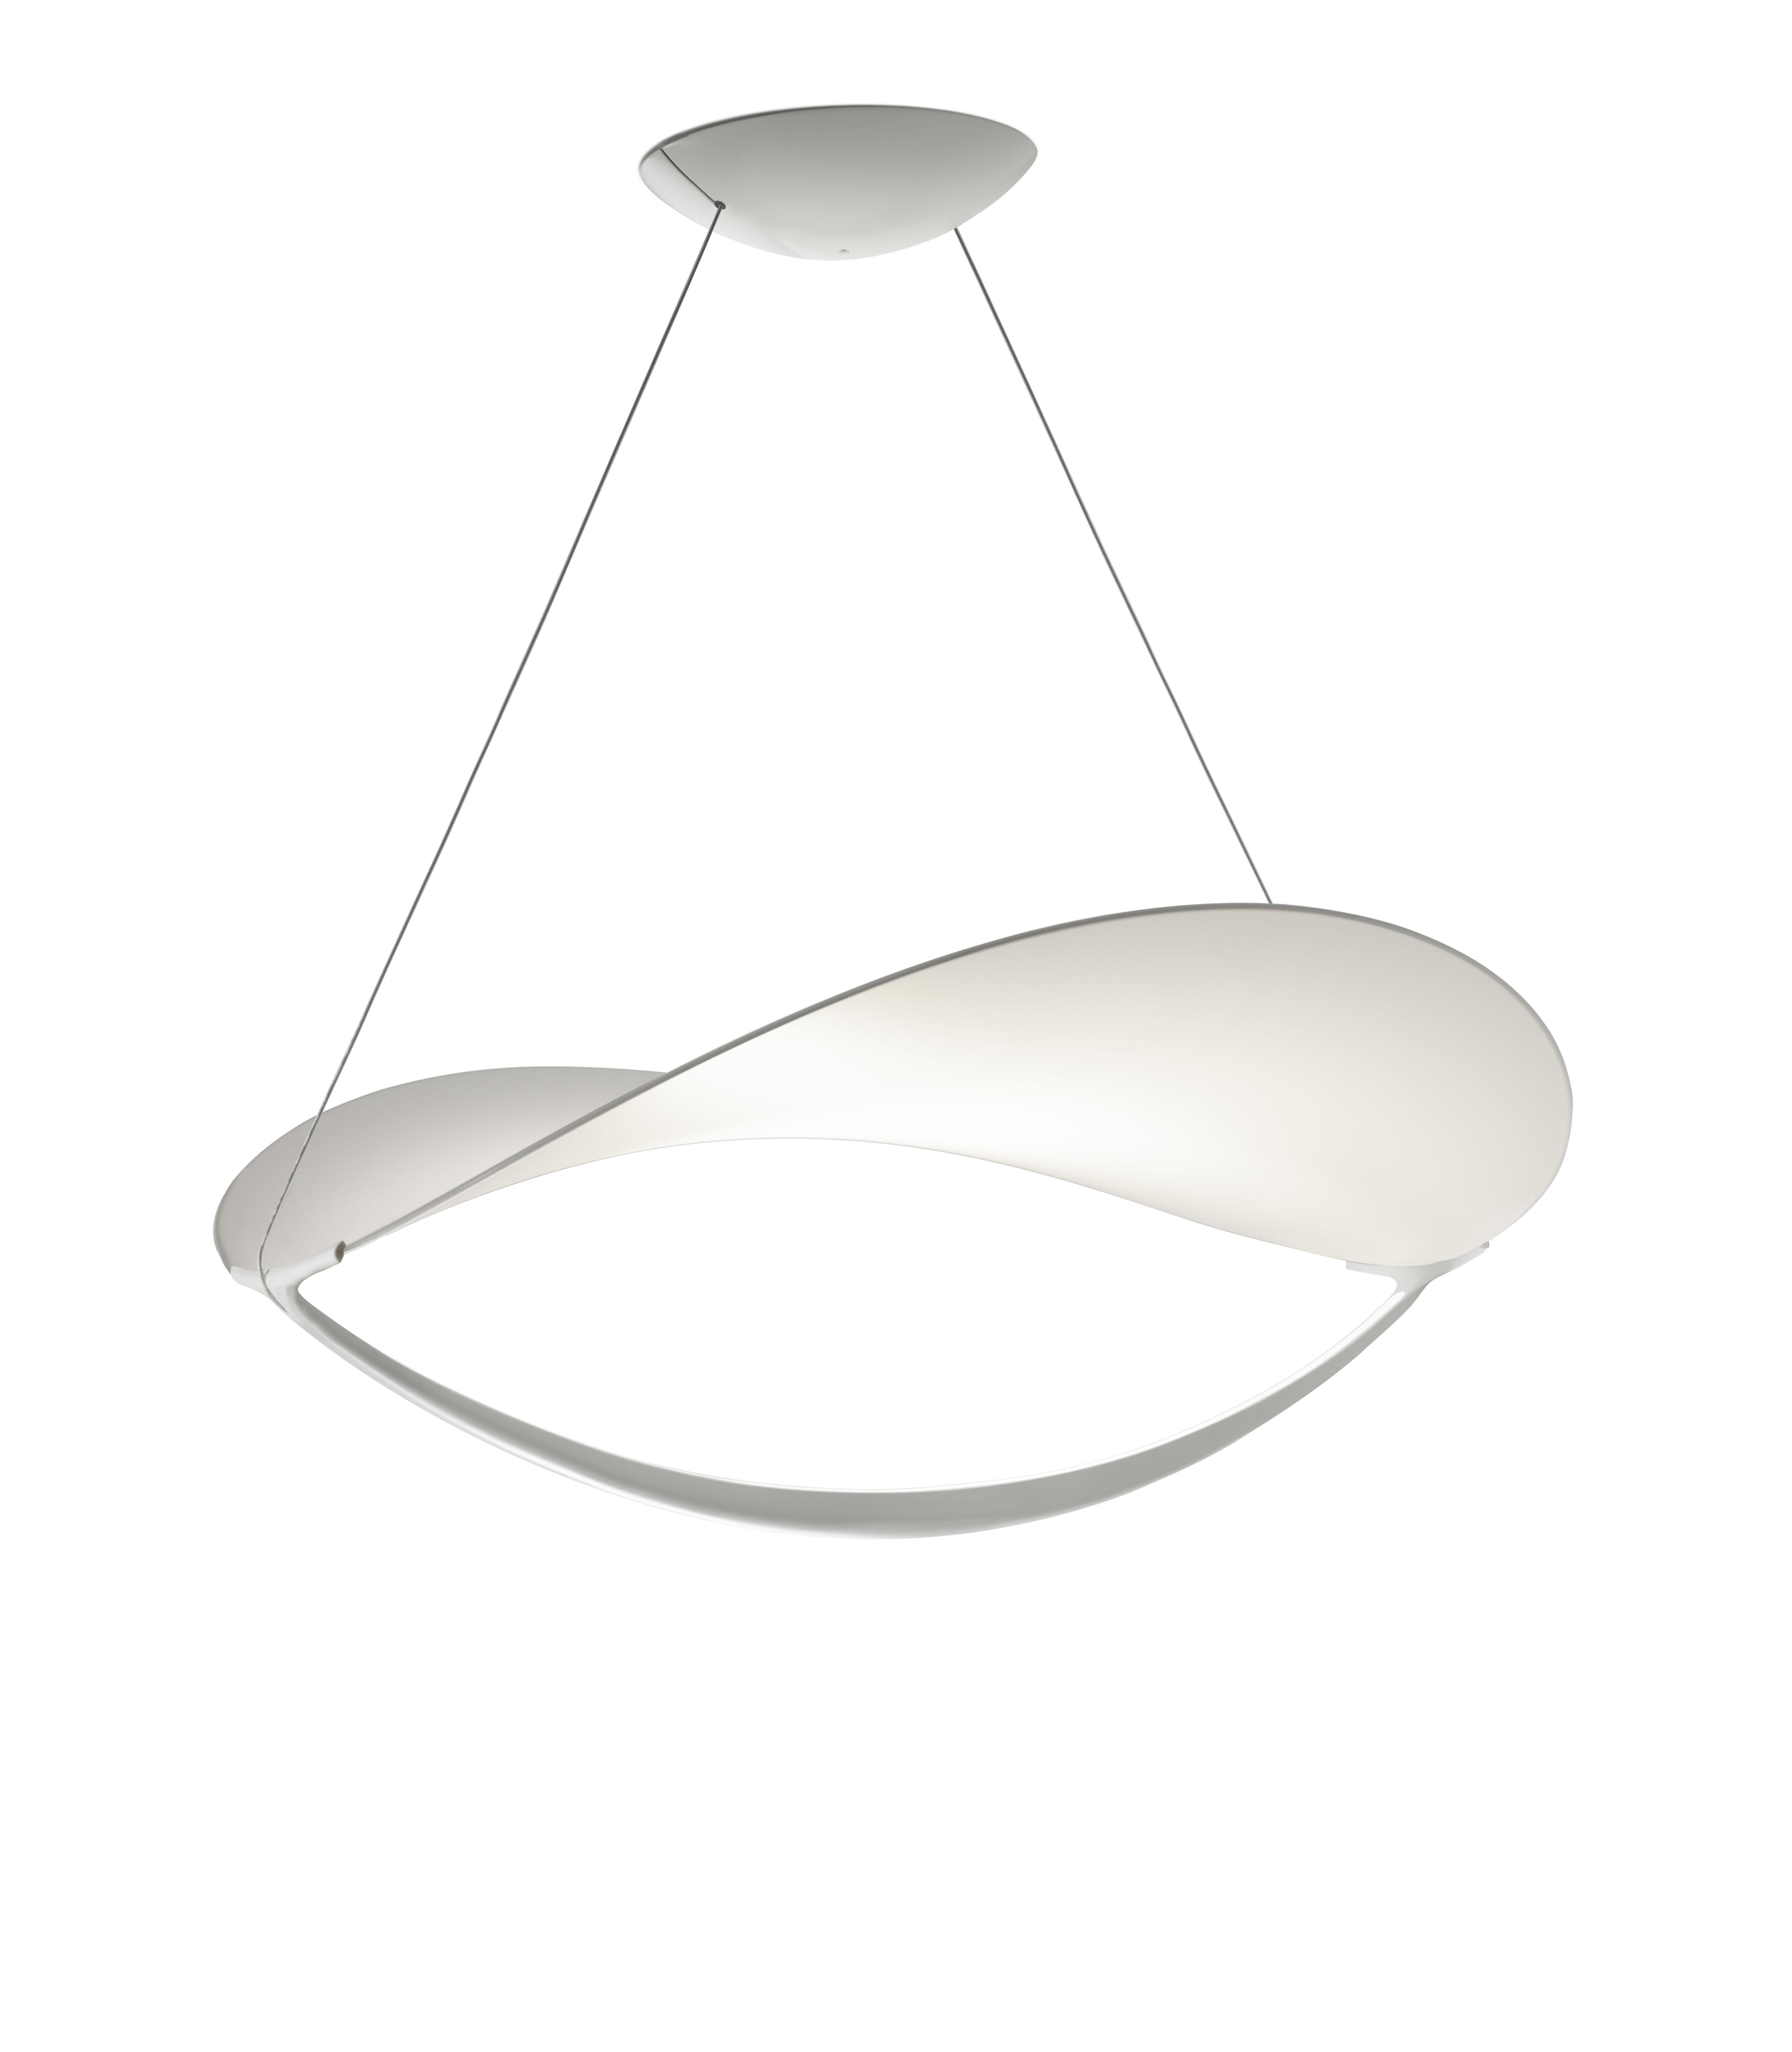 Leuchten - Pendelleuchten - Plena LED Pendelleuchte / Stoff - Ø 70 cm - Foscarini - Weiß / nicht dimmergeeignet - klarlackbeschichtetes Aluminium, Toile PVC